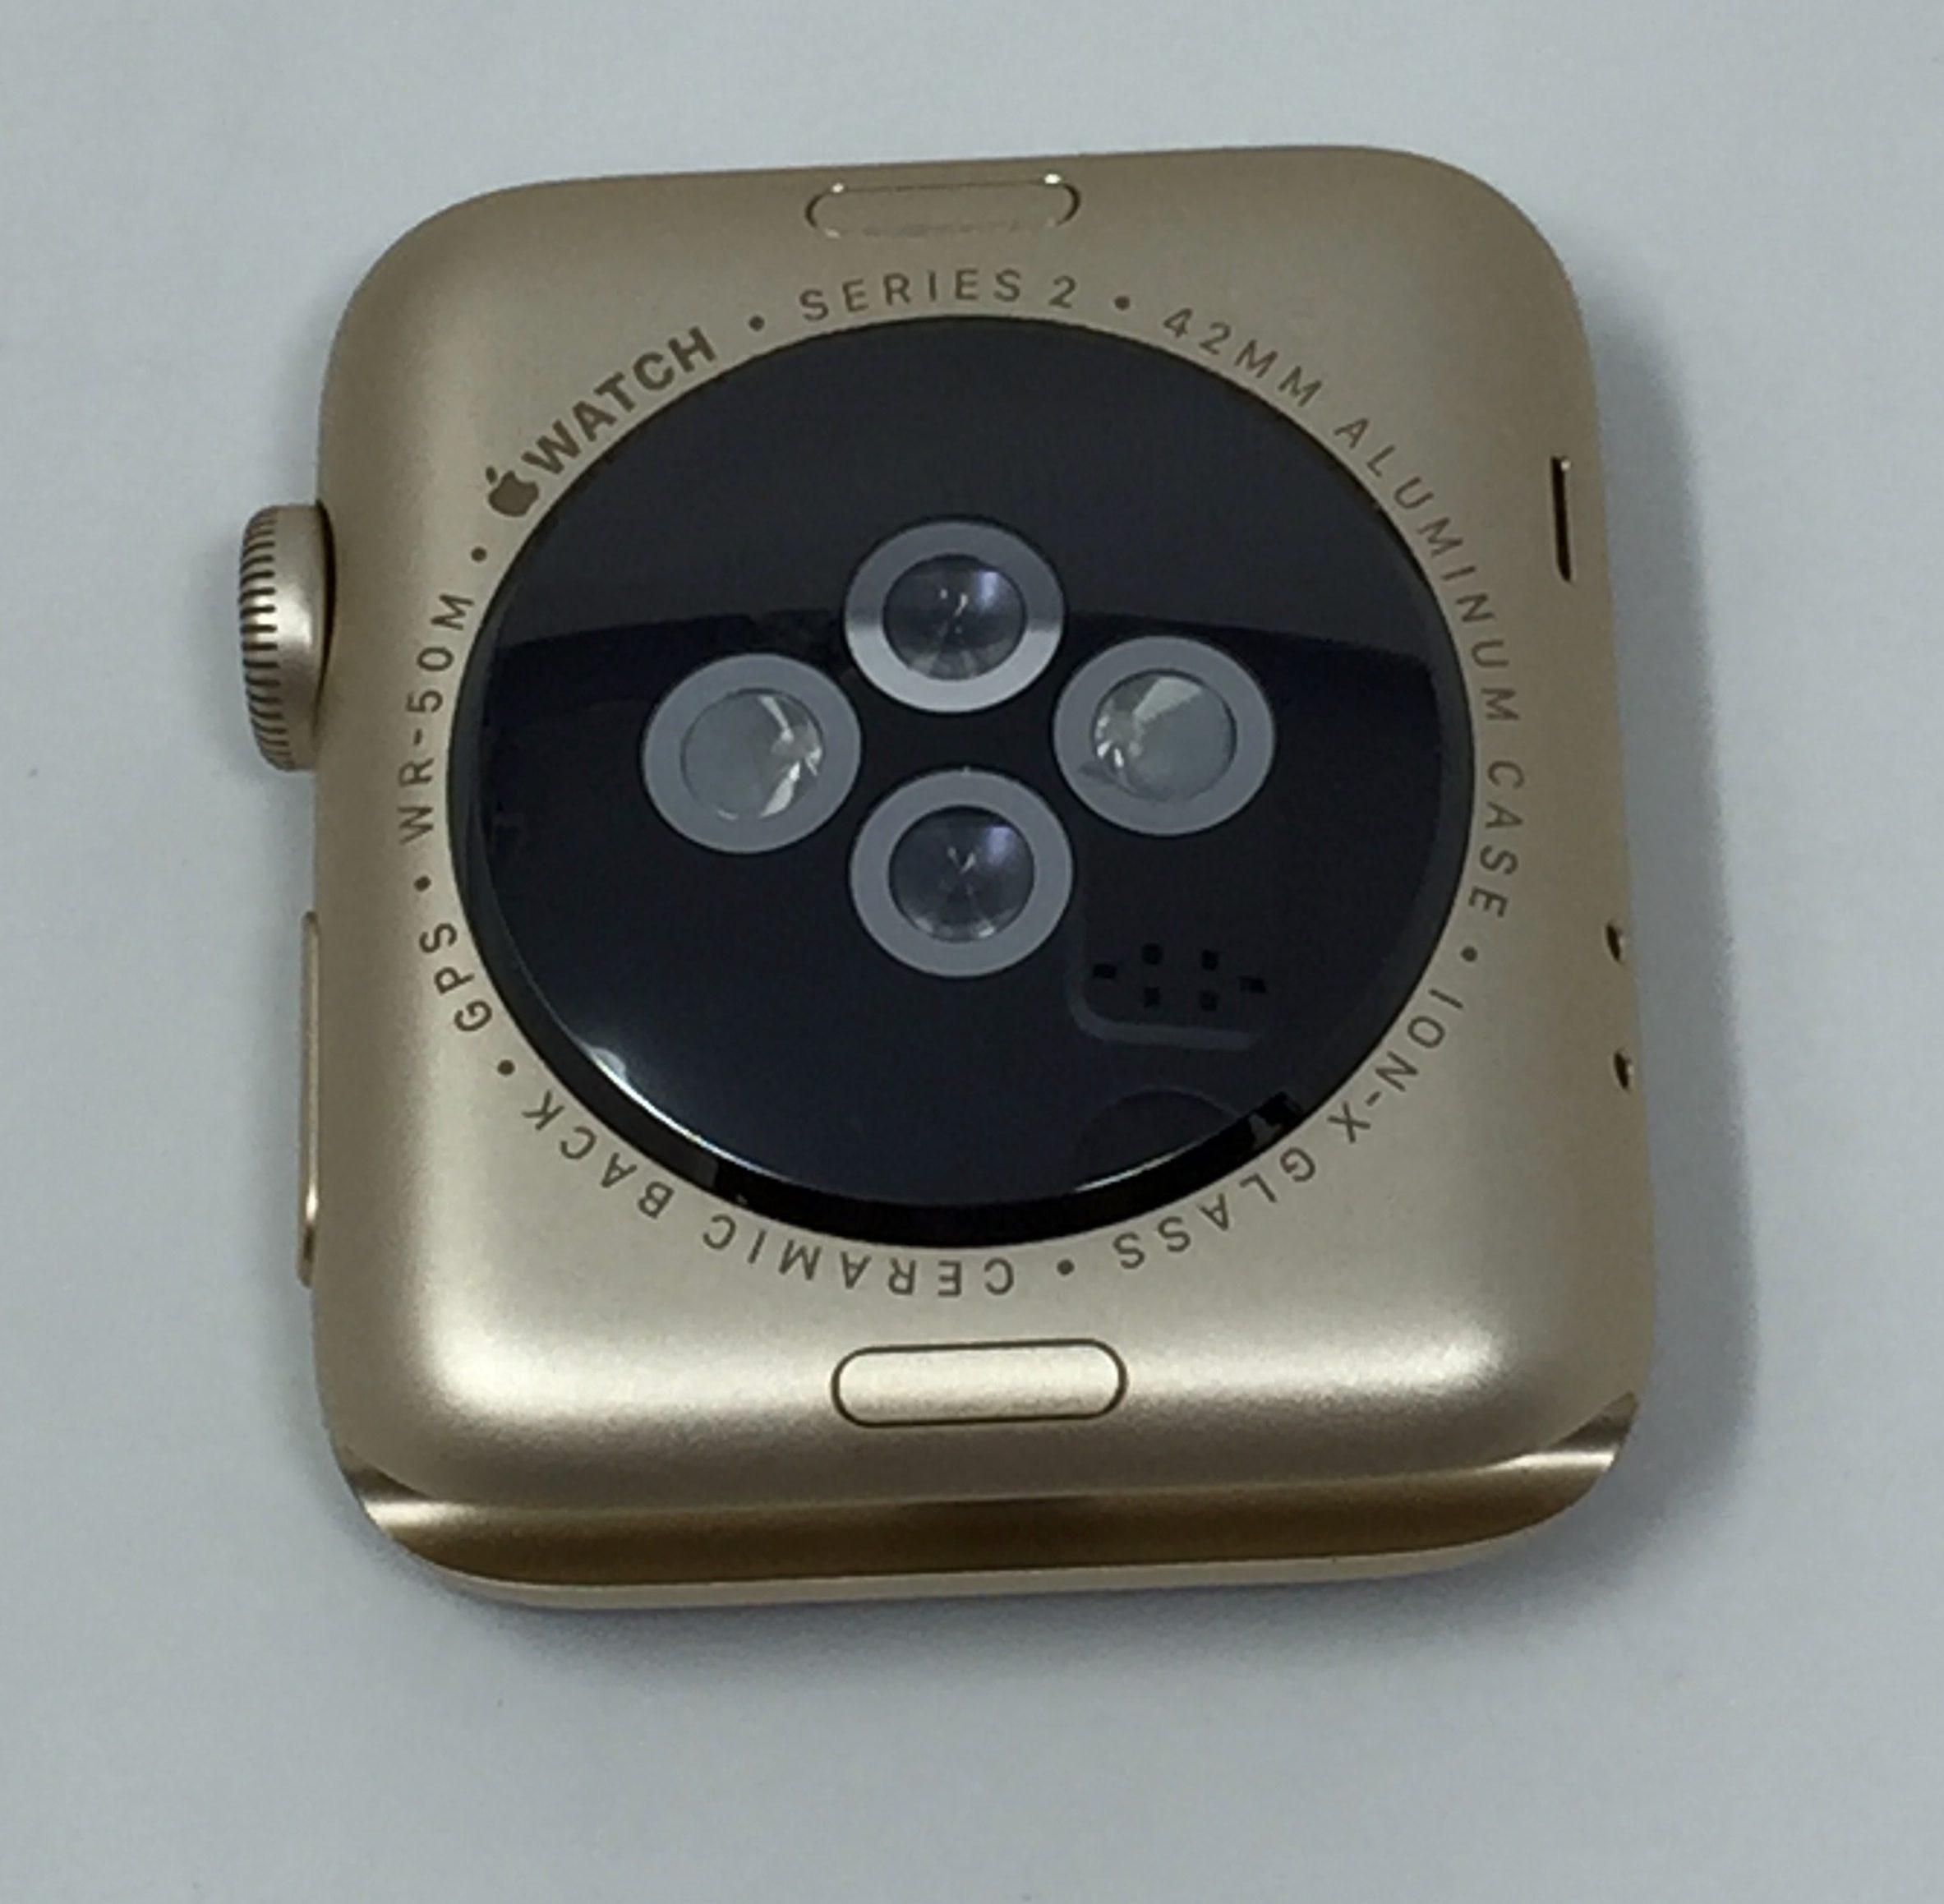 Watch Series 2 Aluminum (42mm), Brown , imagen 2